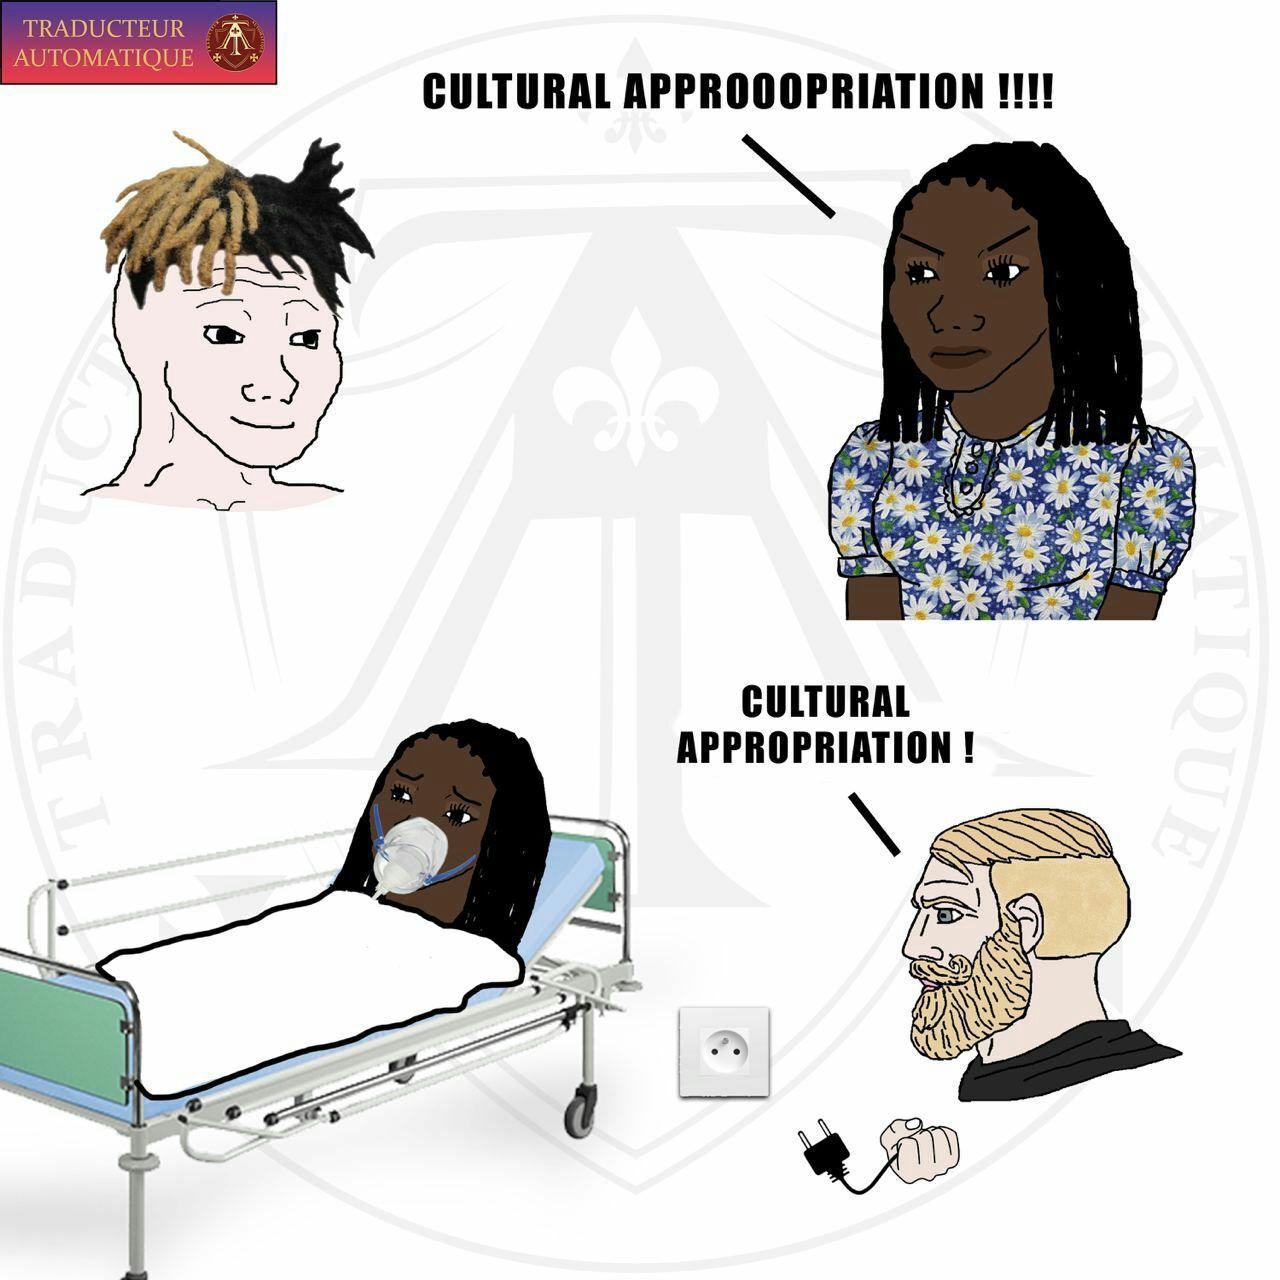 Engraçado que nenhum negro que odeia branco quer voltar para a Africa - meme